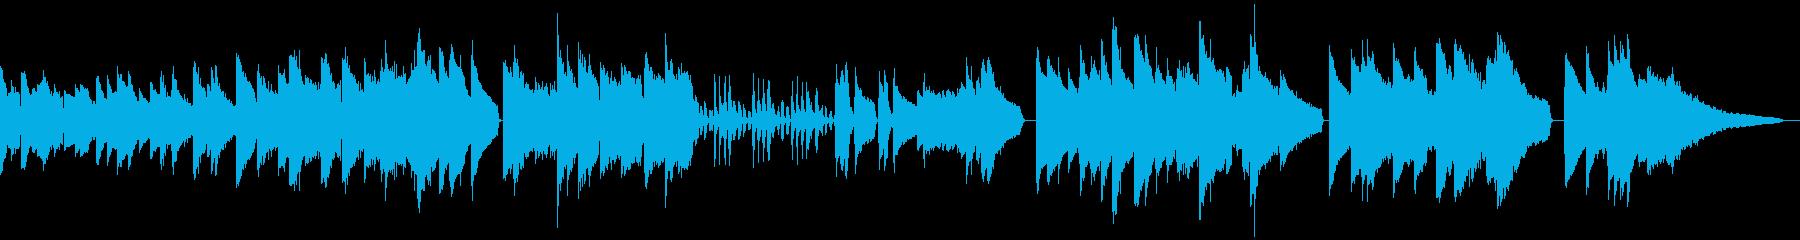 エレピでベートーベン ピアノソナタ悲愴 の再生済みの波形